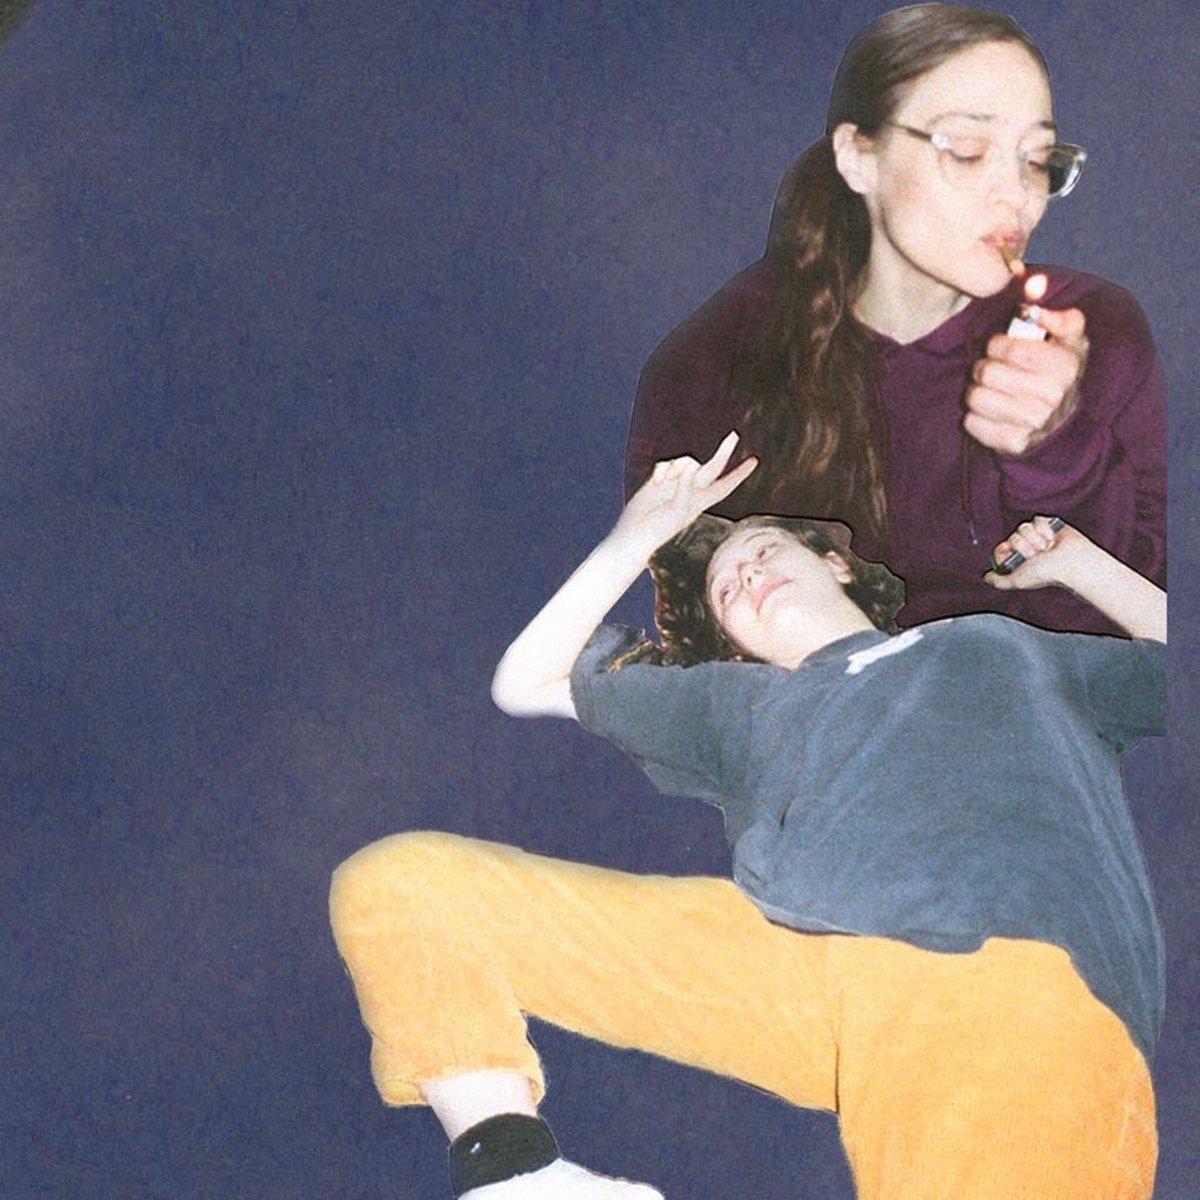 Fiona Apple and King Princess